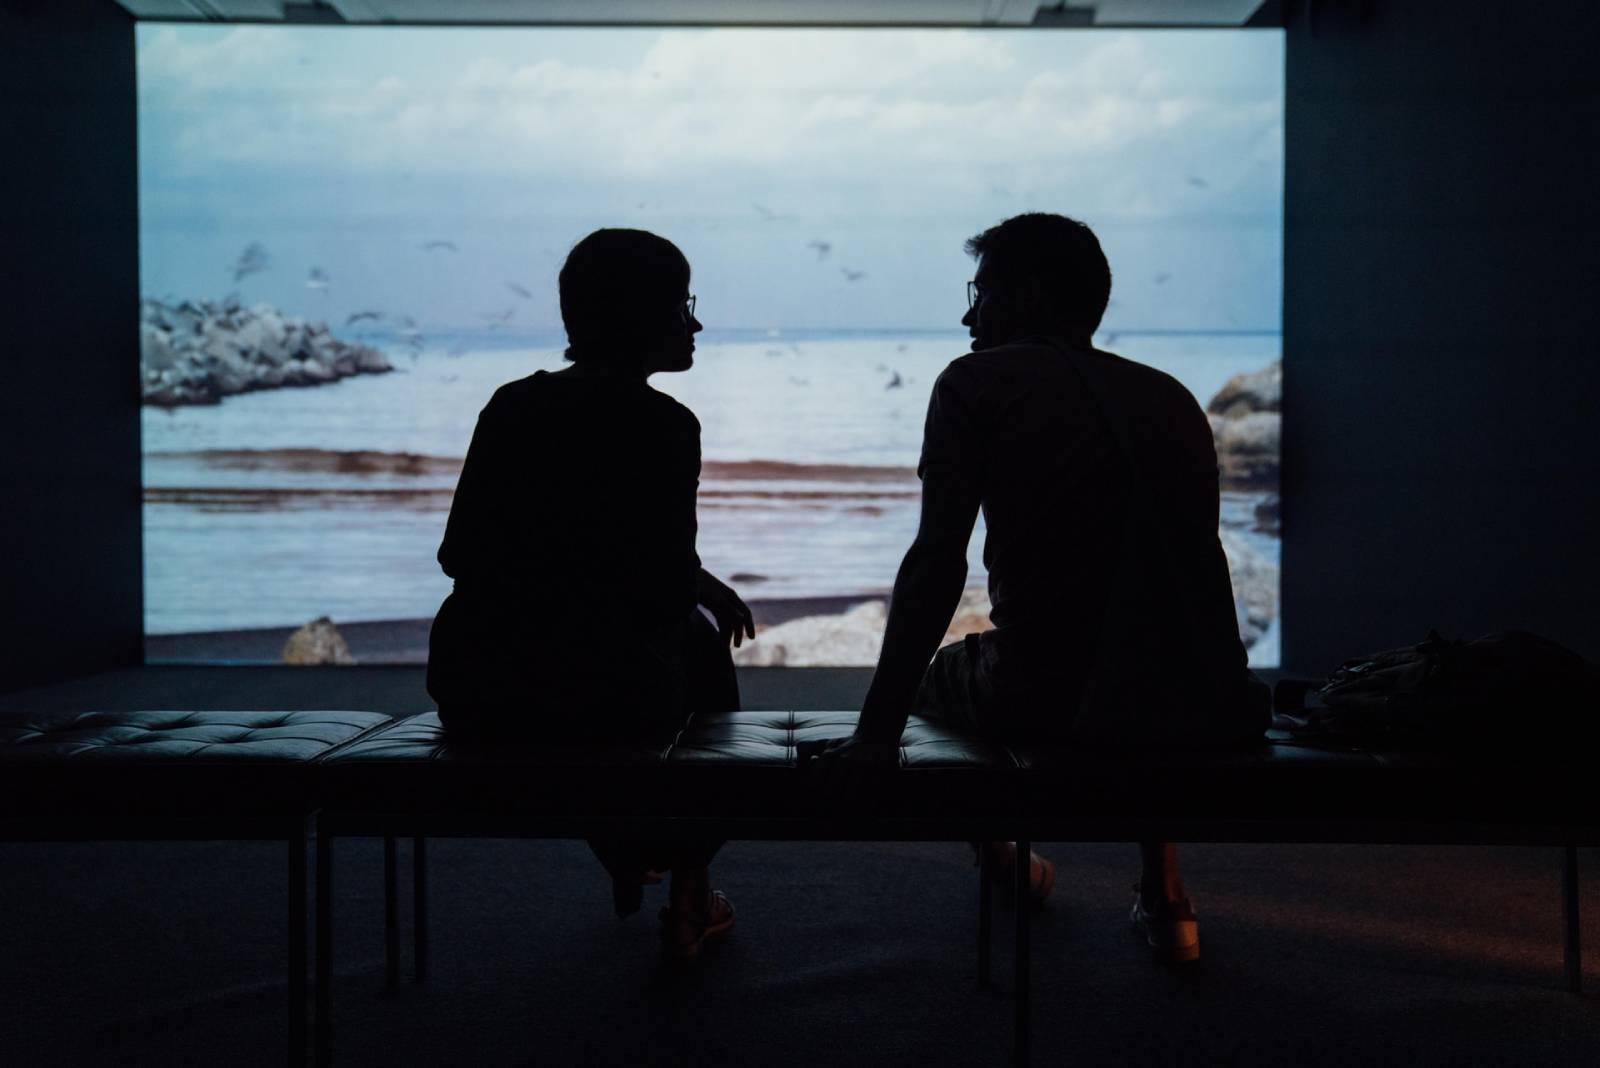 Silhouette des Paares, das vor Meer sitzt